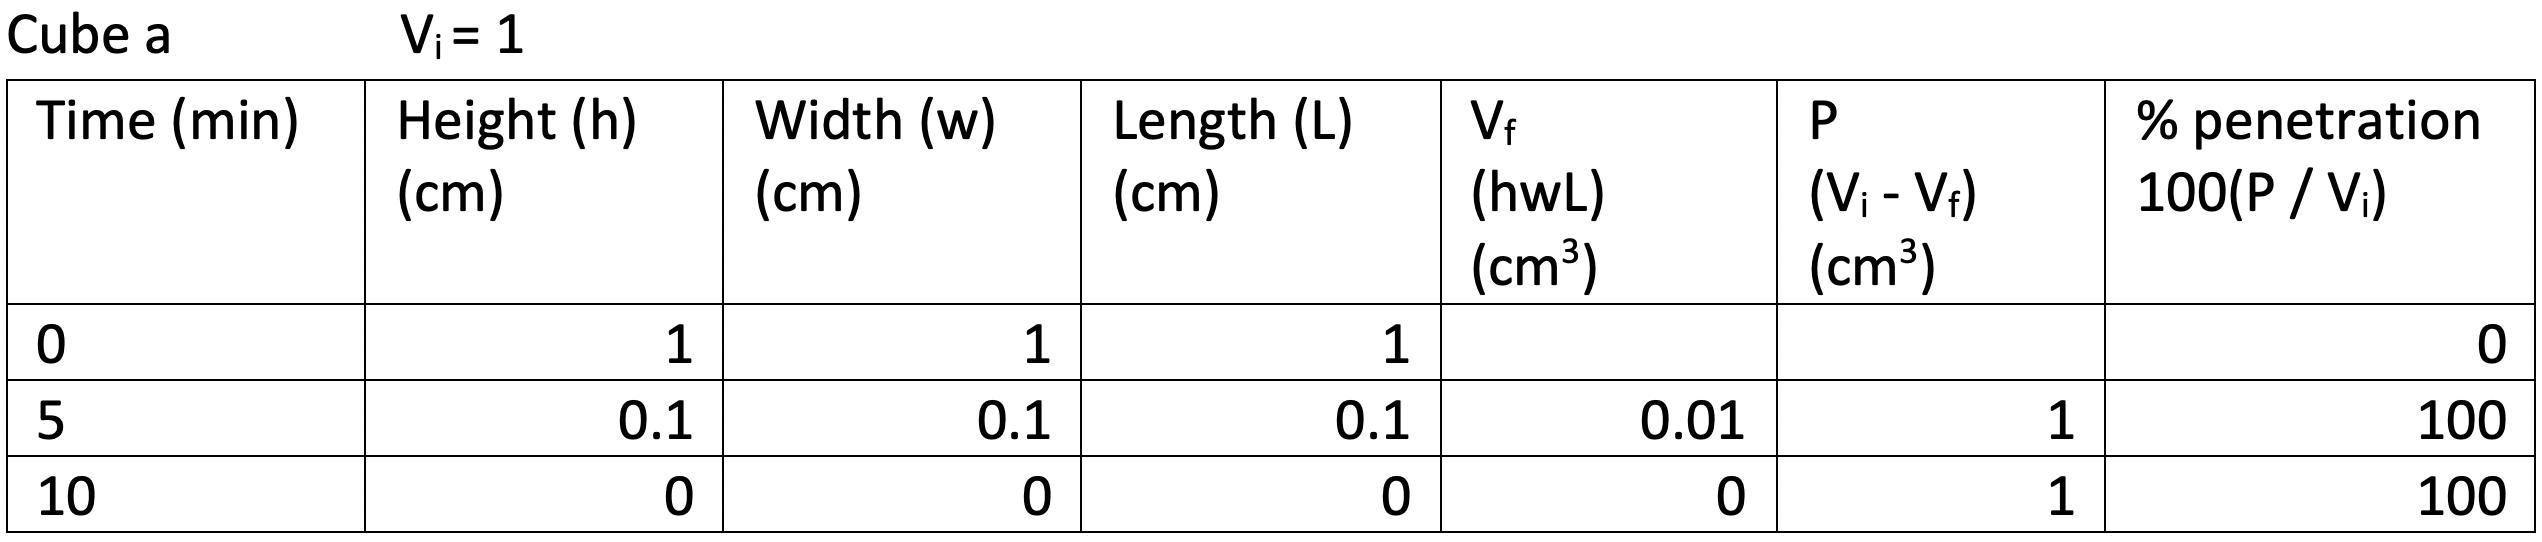 bio-p-cel-y11-12-14-img2s3.png